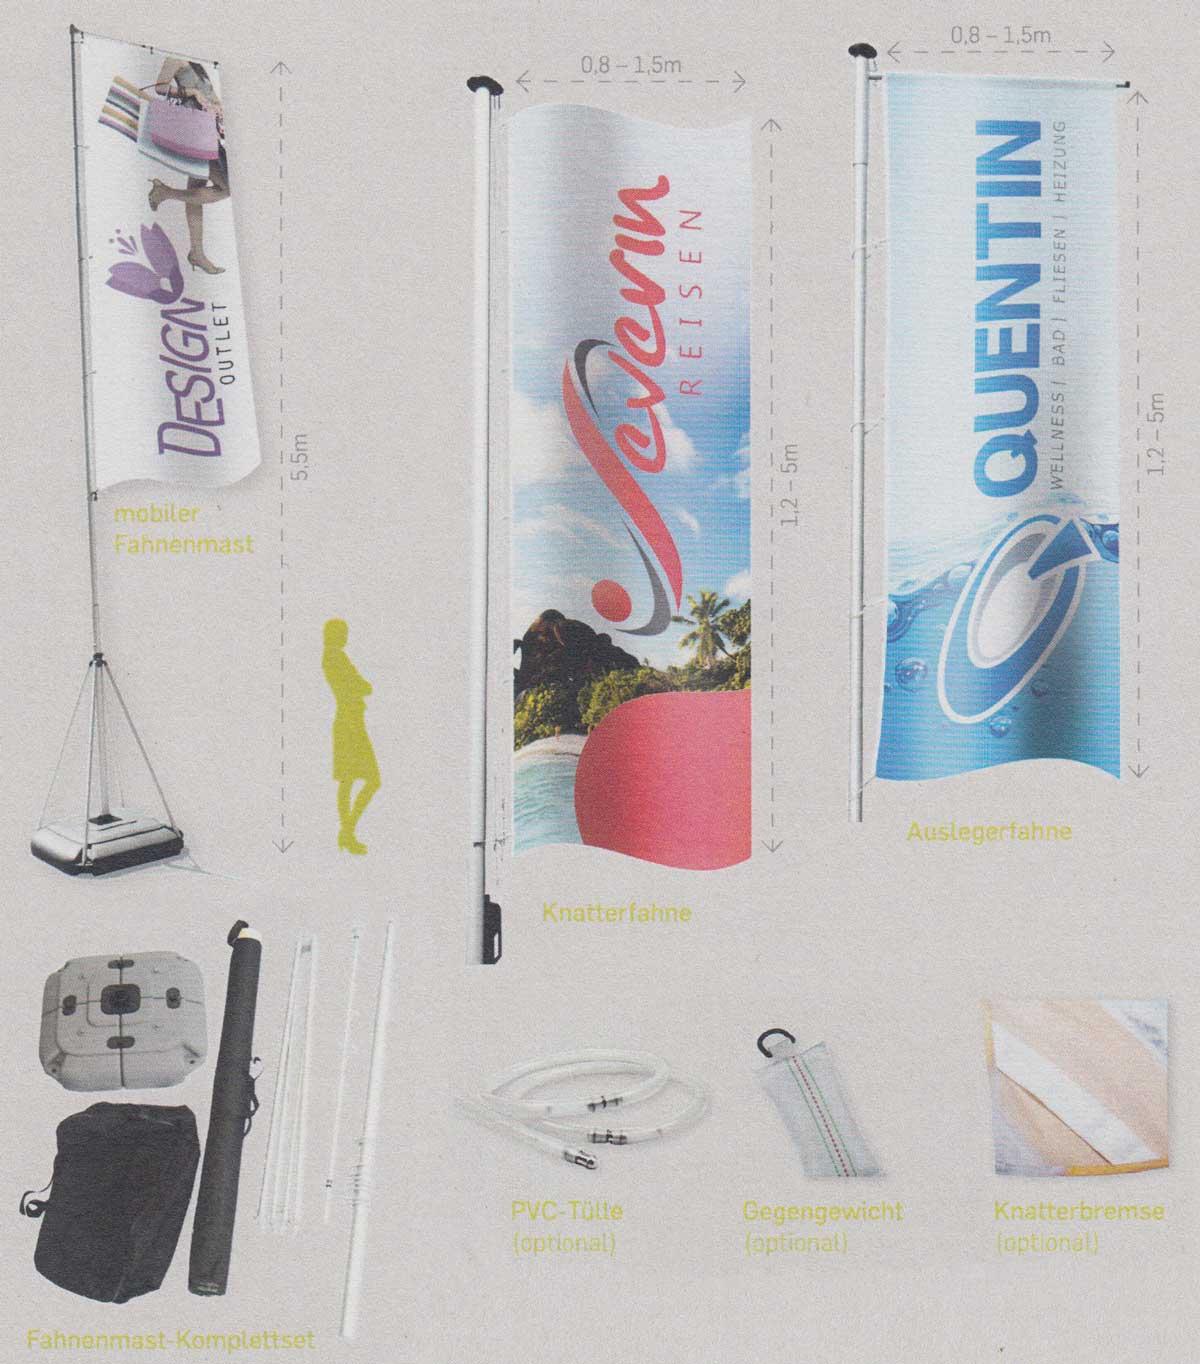 Beispiele Fahnen und mobiler Fahnenmast